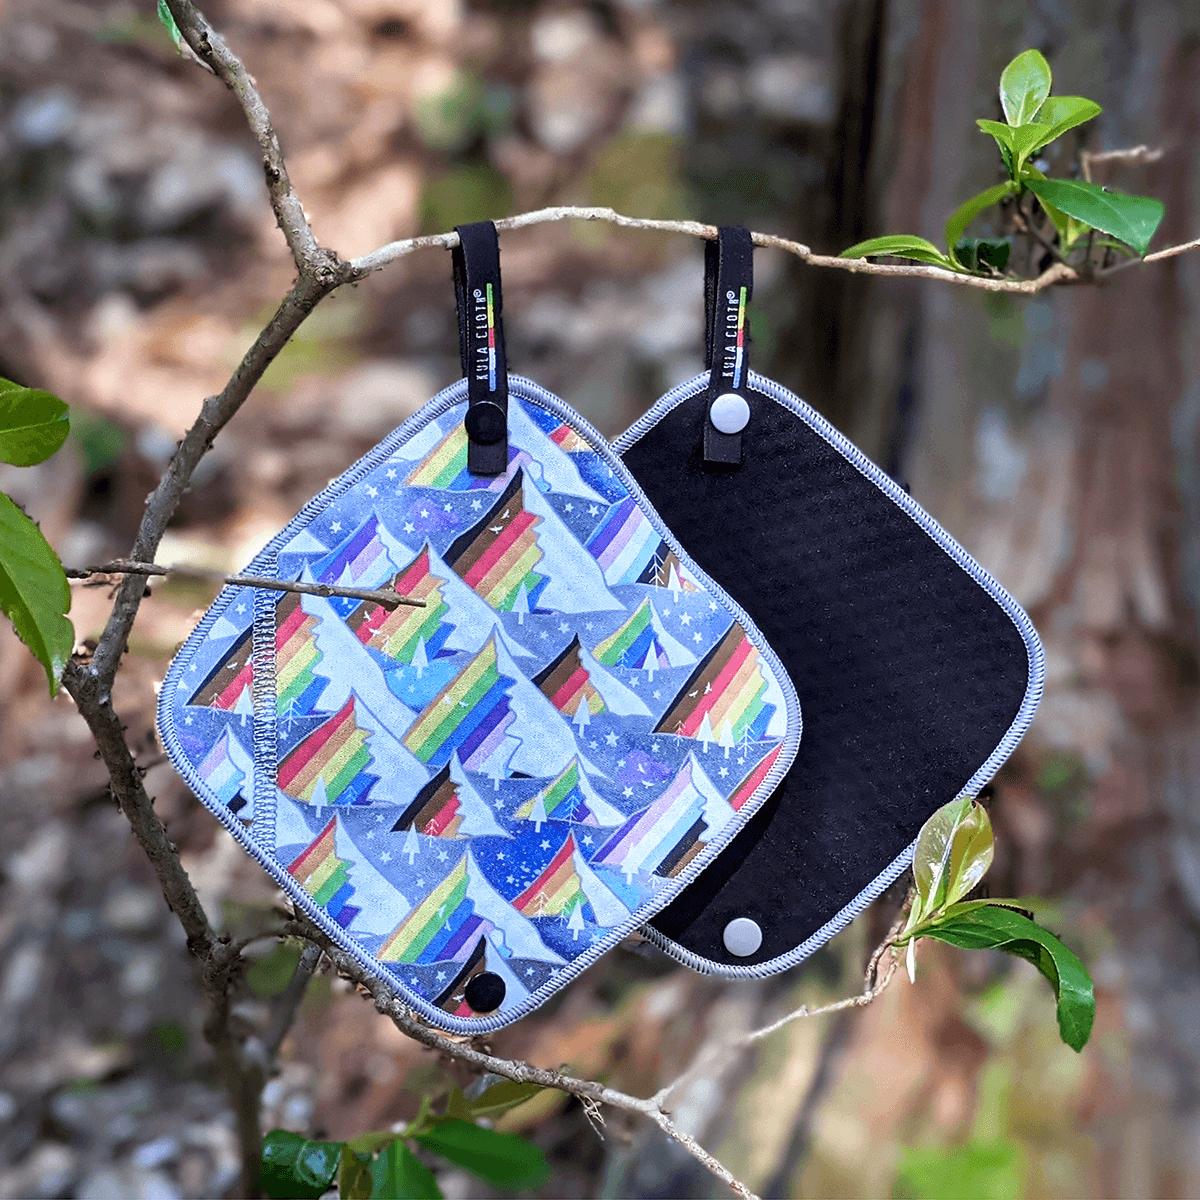 Instagramで#mykulaclothのハッシュタグをつけて投稿してください。